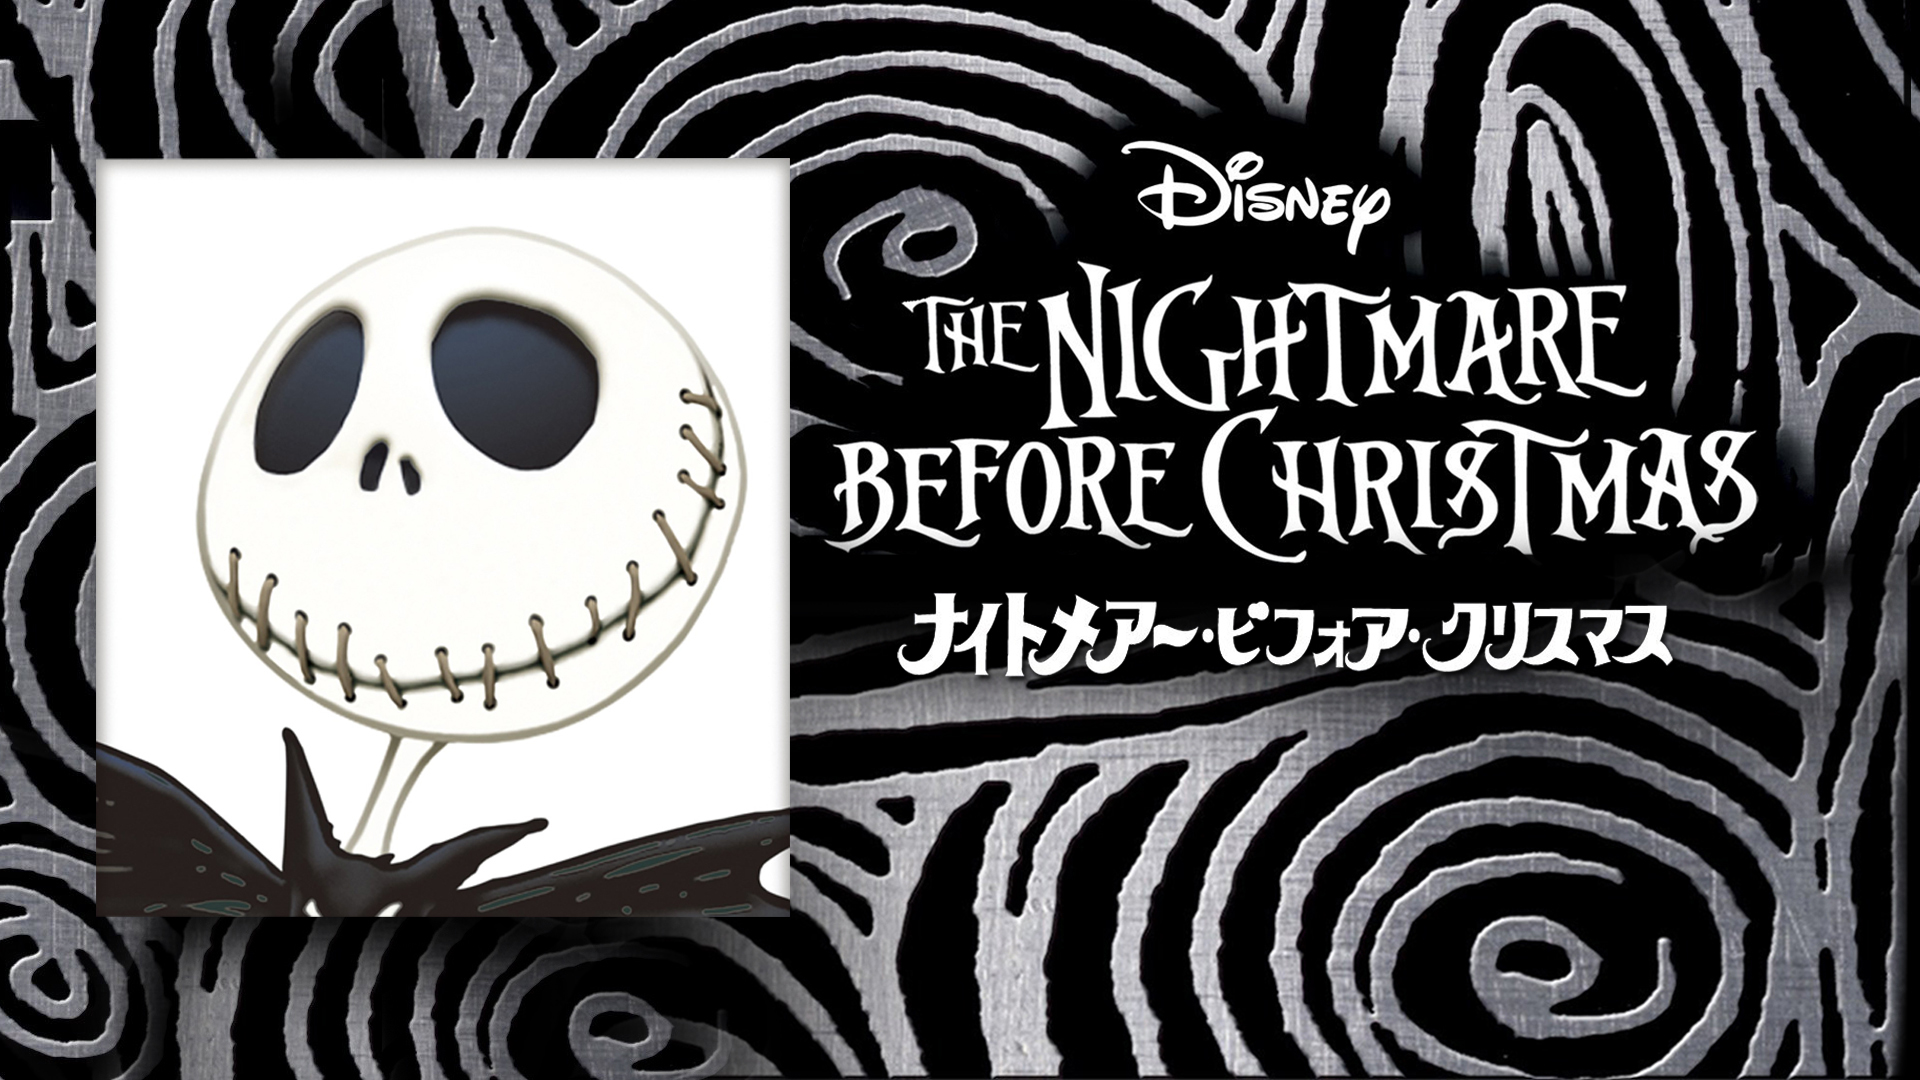 ナイトメアー・ビフォア・クリスマス (吹替版)